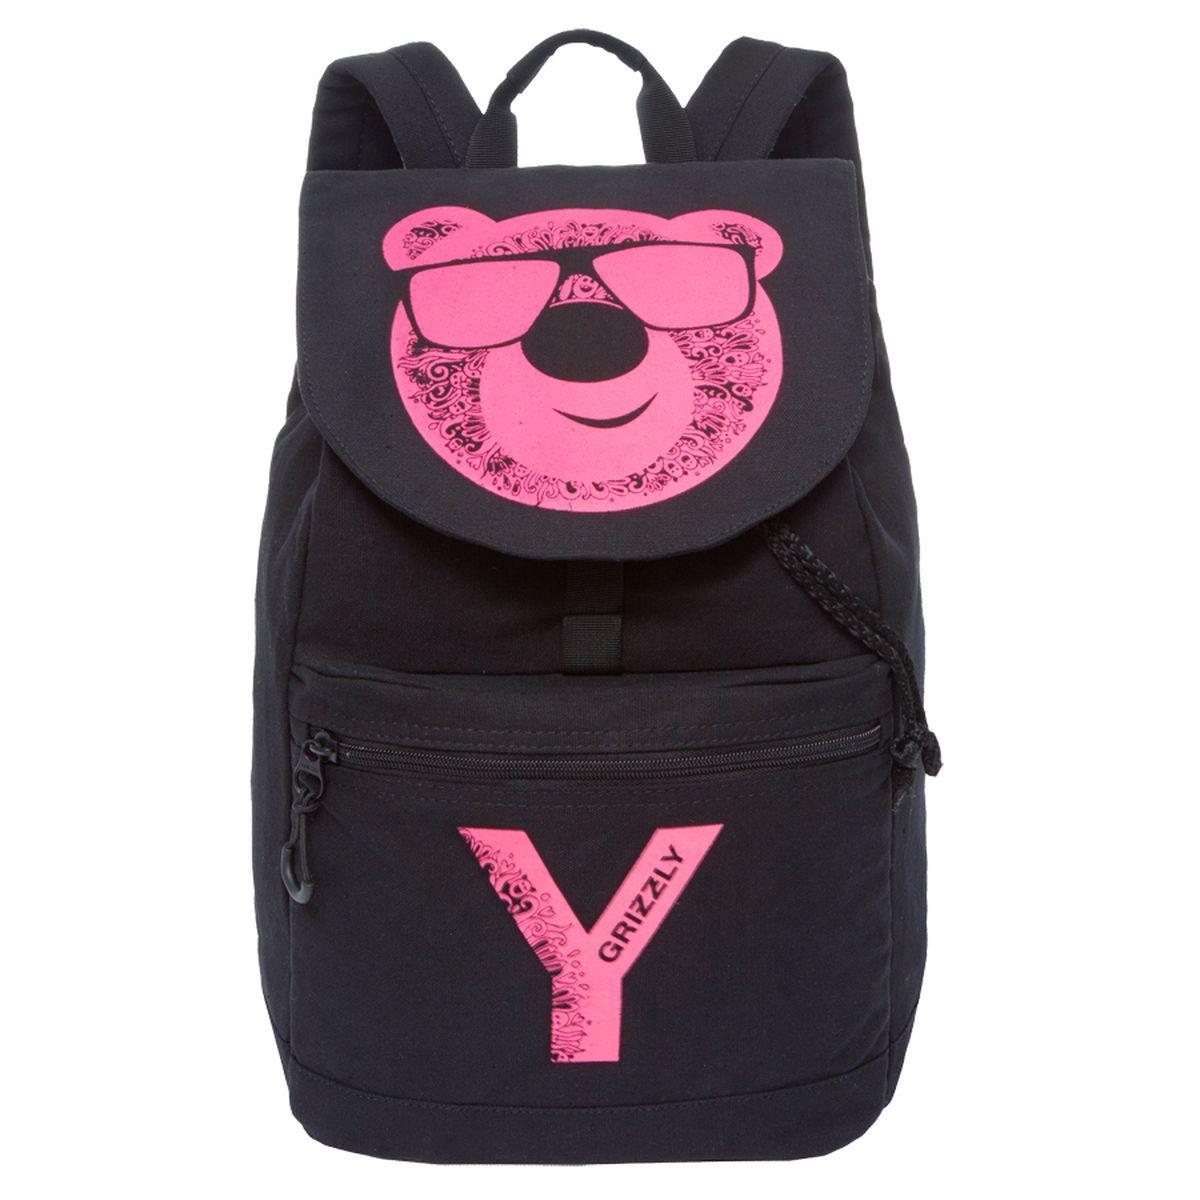 Рюкзак молодежный Grizzly, цвет: черный-фиолетовый. 18 л. RD-744-1/4RD-744-1/4Рюкзак молодежный Grizzly содержит одно отделение, клапан на пряжке-крючке, объемный карман на молнии на передней стенке, карман для гаджета,внутренний карман на молнии, укрепленная спинка, дополнительная ручка-петля, укрепленные лямки, закрывается затягивающимся шнуром.